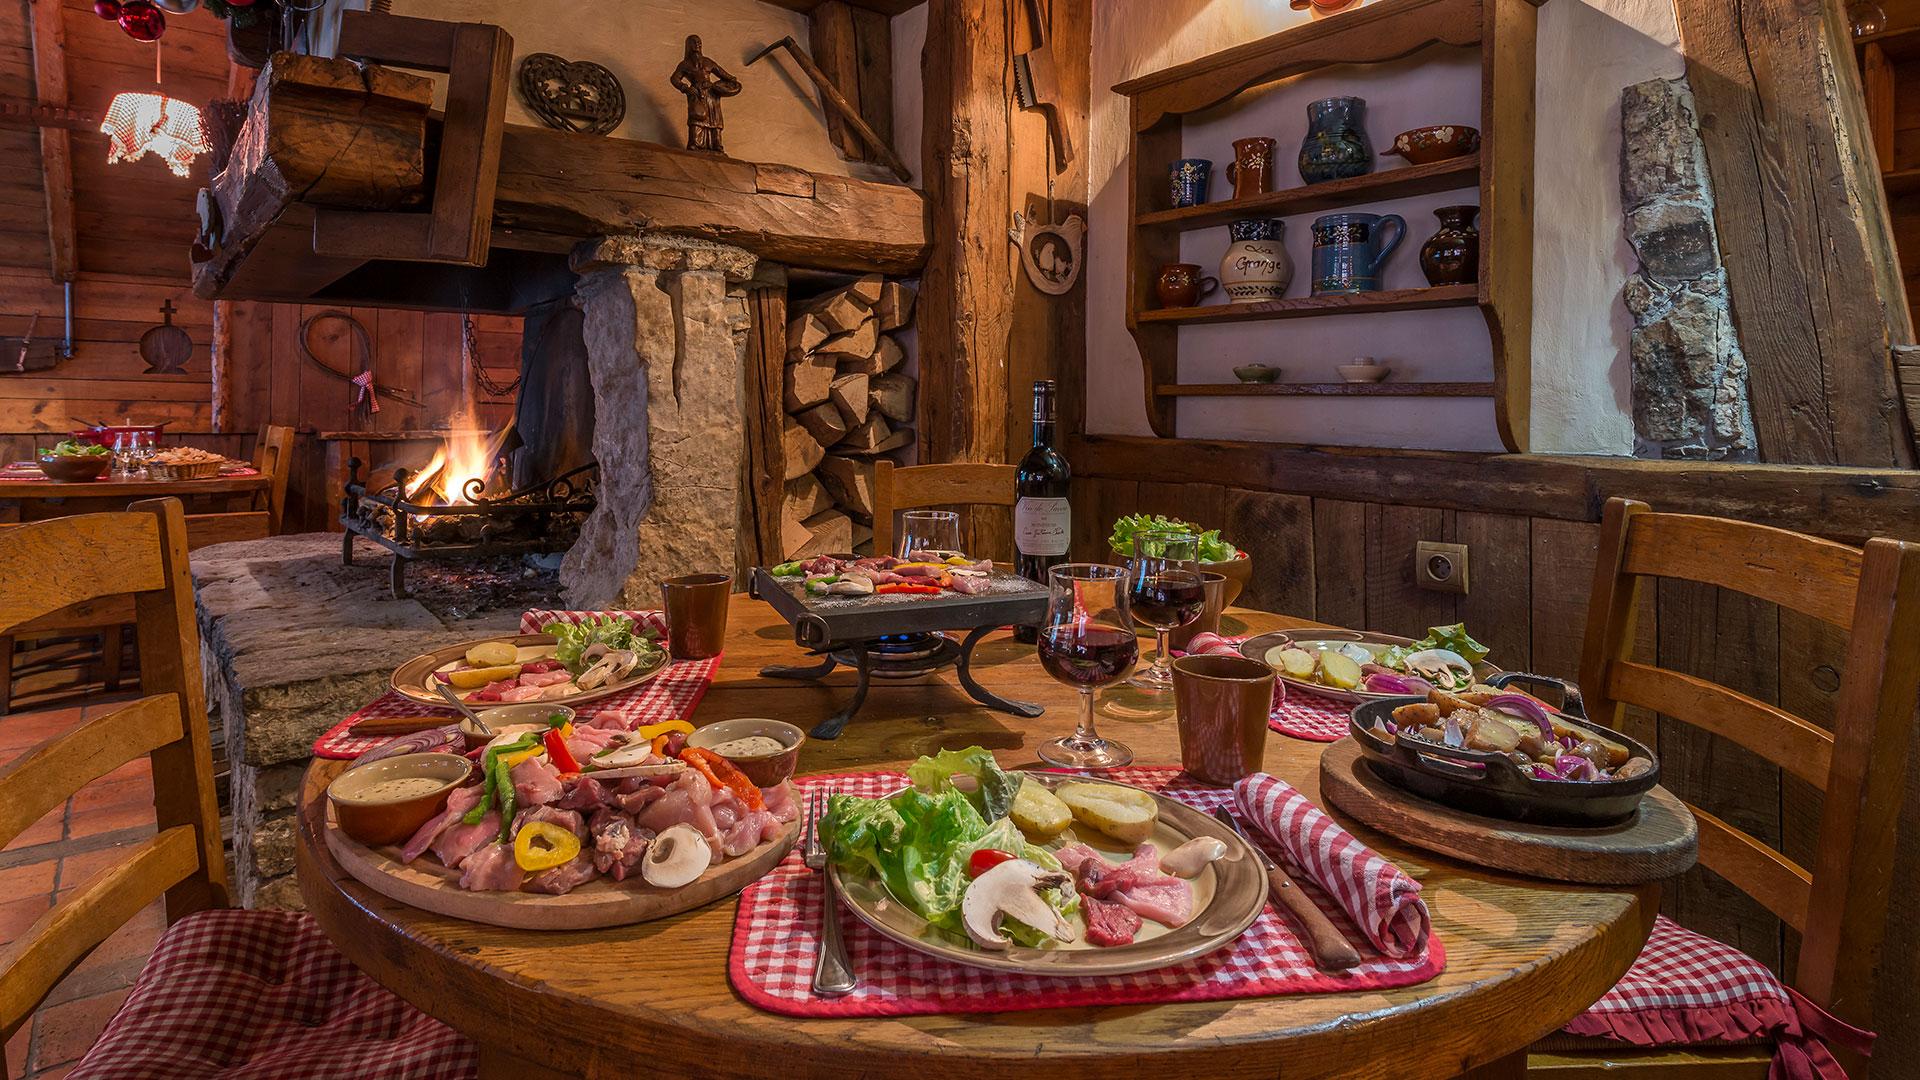 Grillades restaurant savoyard Savoie